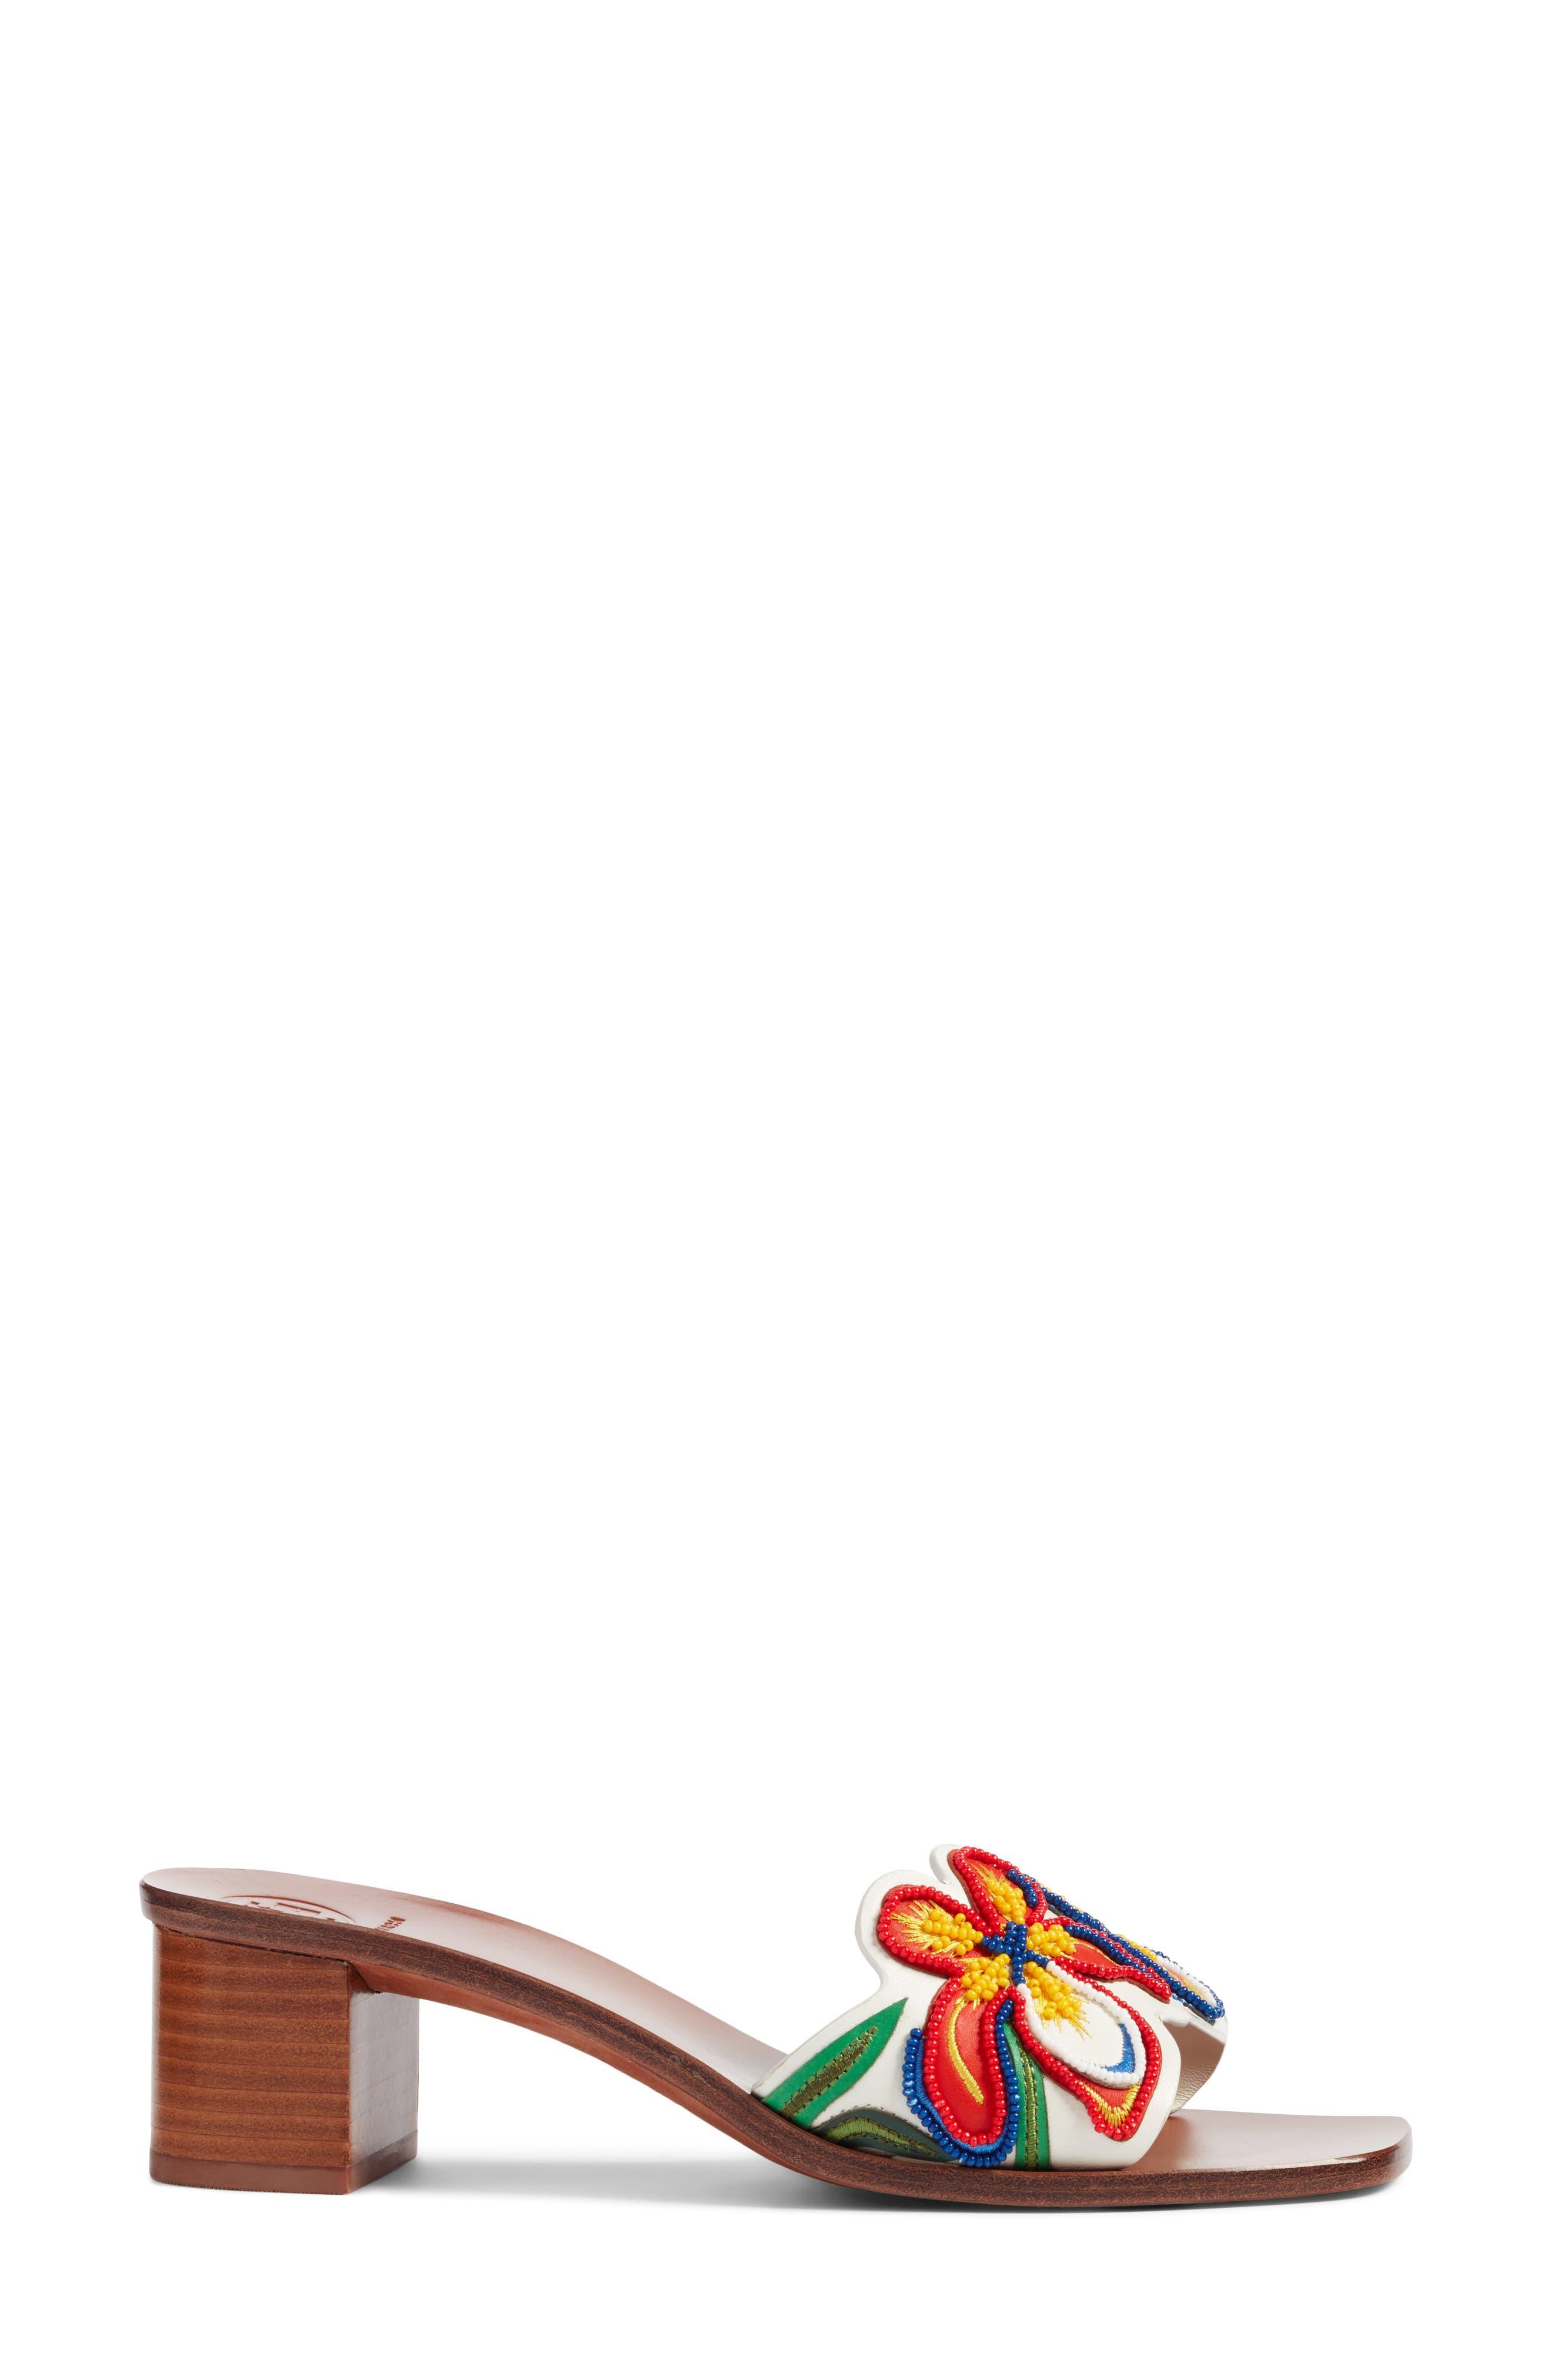 Bianca Floral Embellished Slide Sandal,                             Alternate thumbnail 3, color,                             Perfect Ivory/ Multi Color